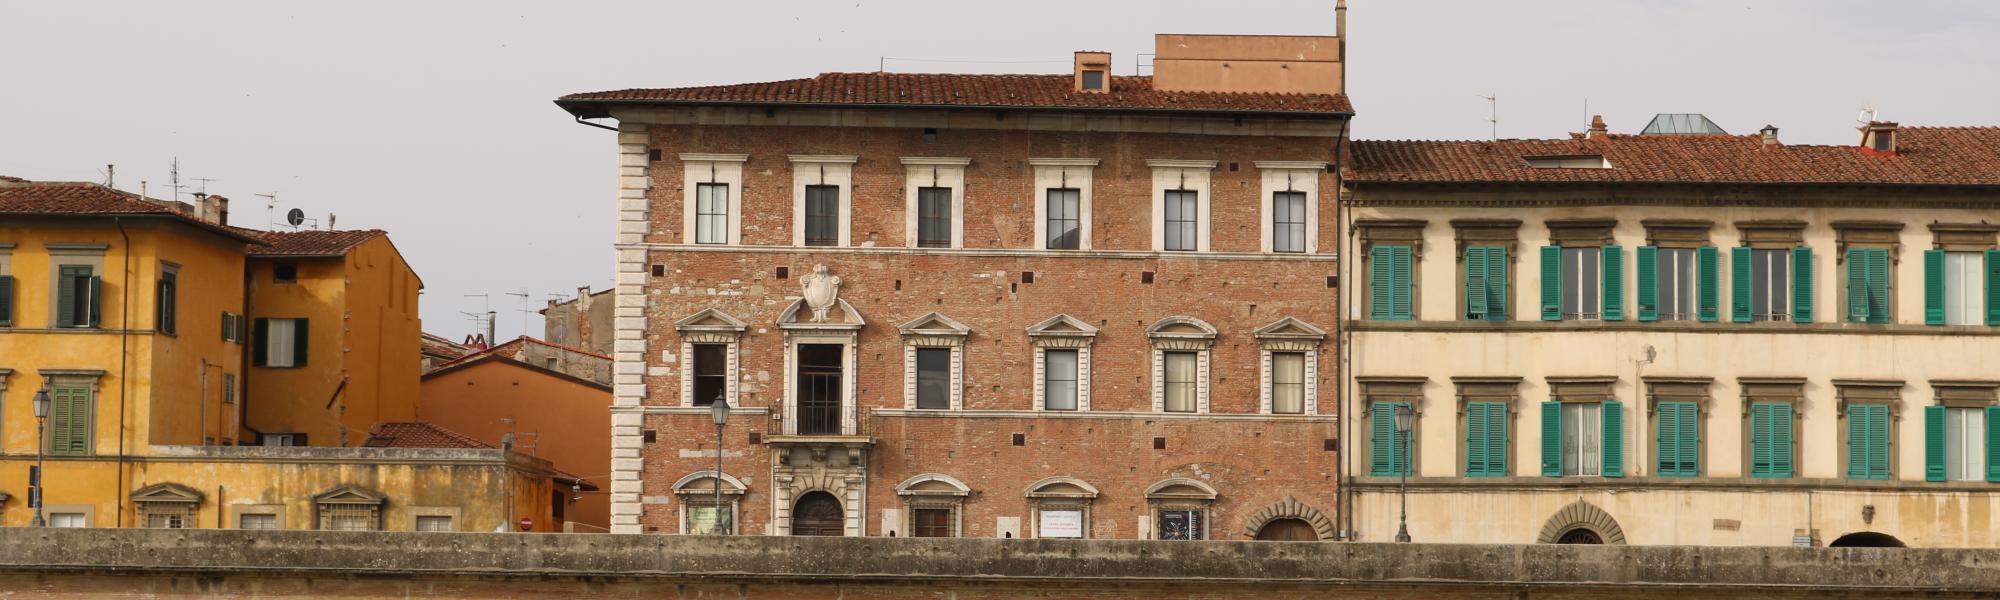 Palazzo Lanfranchi da Scalo Roncioni